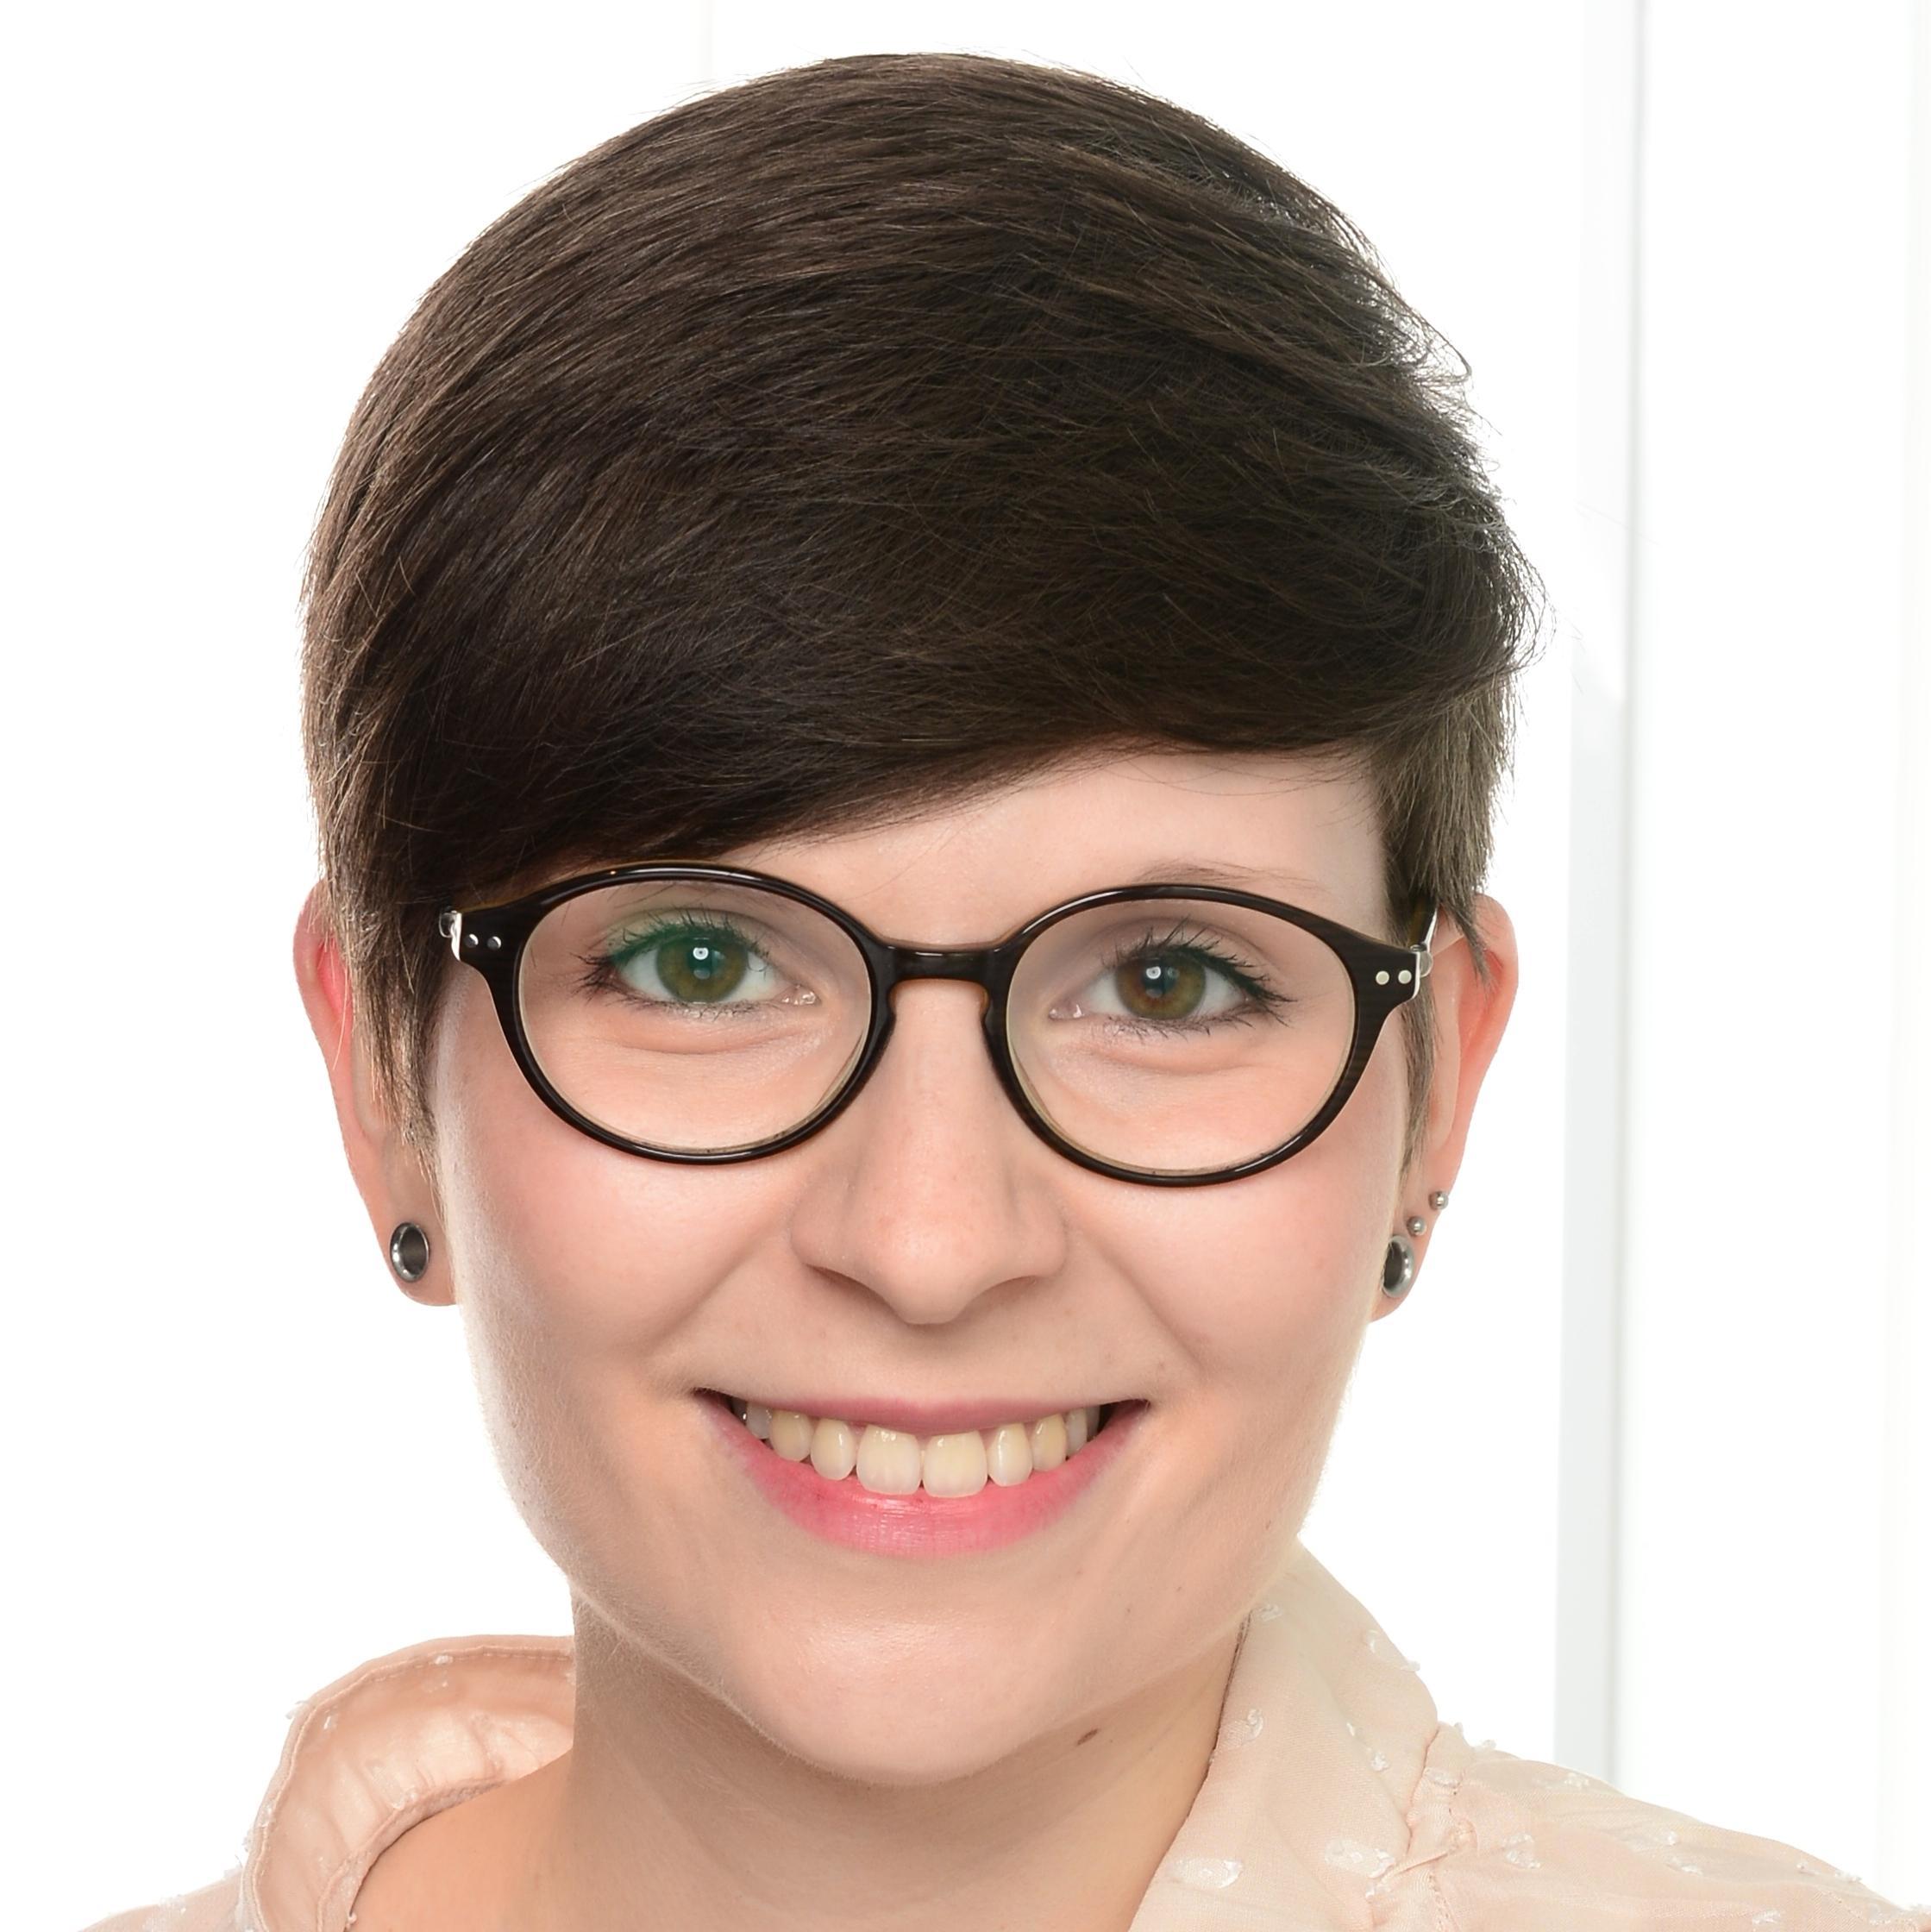 Annika Svitil